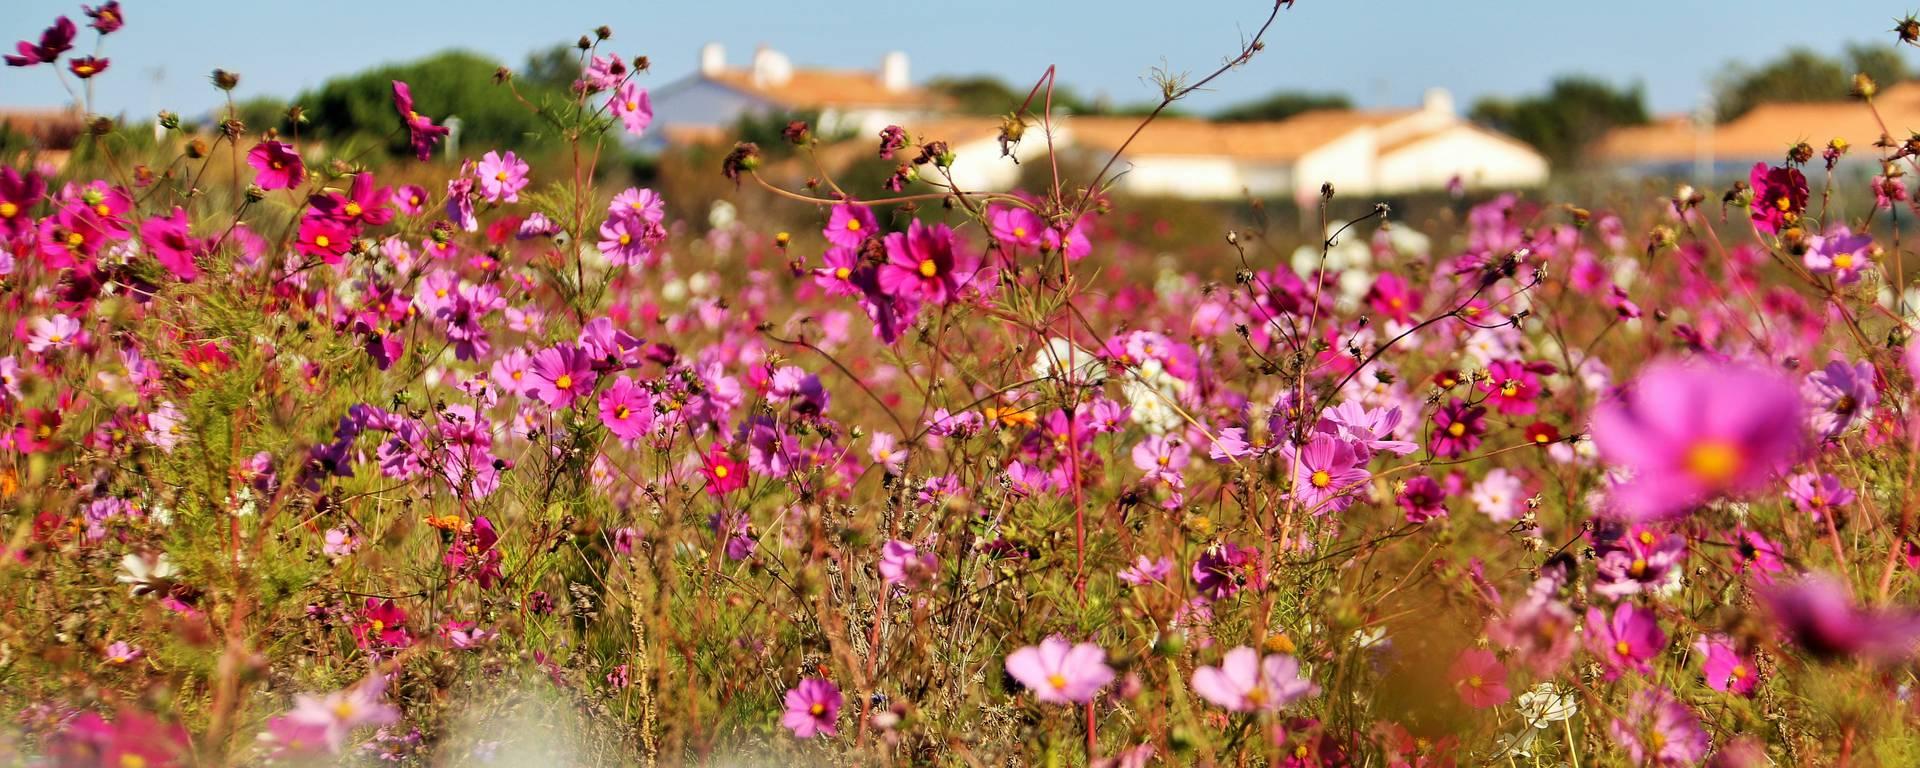 Les fleurs sauvages de l'Ile de Ré par Lesley Williamson